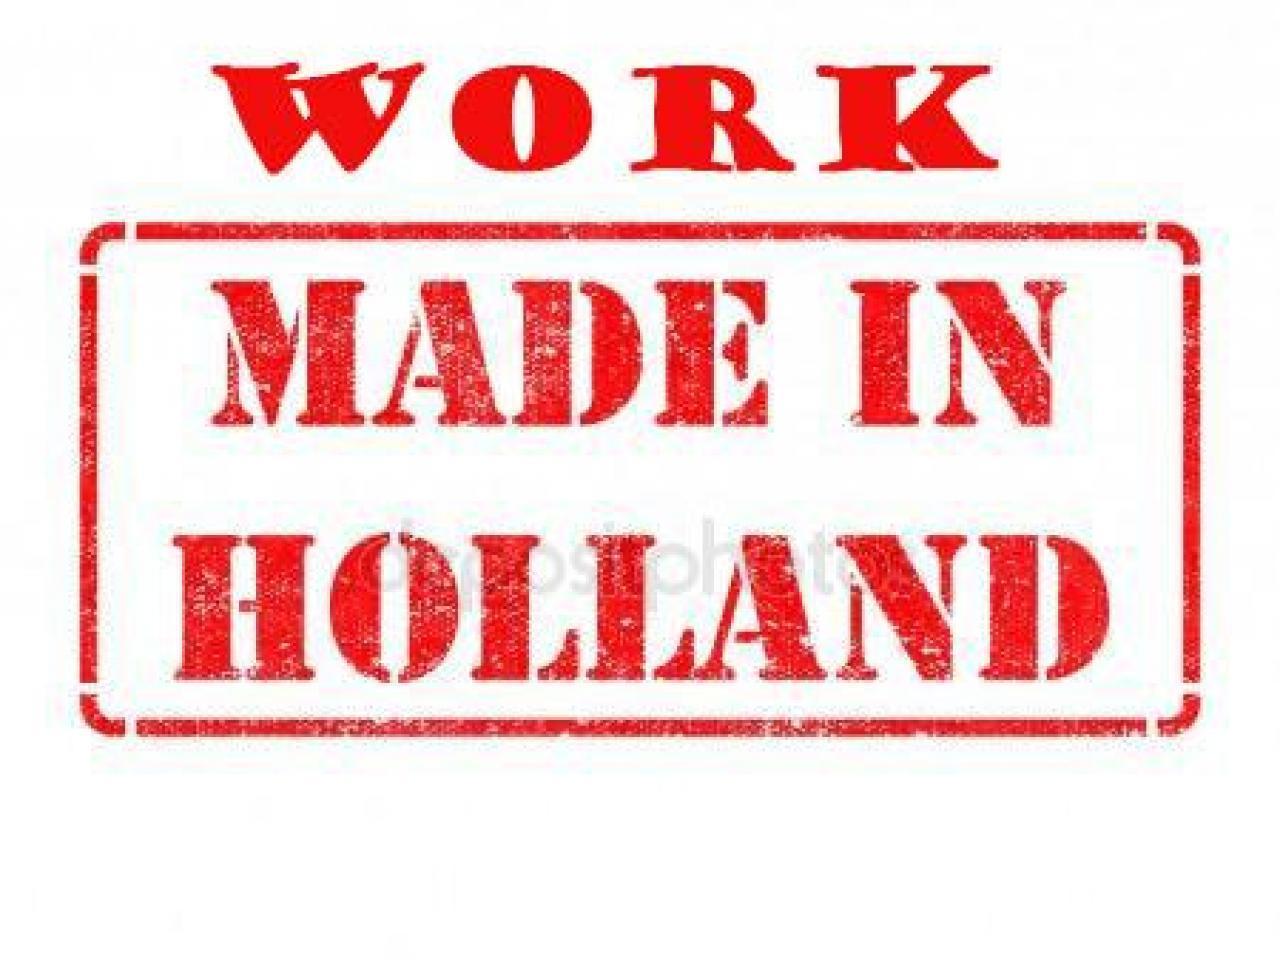 Работы в Нидерландах.  Фабрика по упаковке сырной продукции. - 1